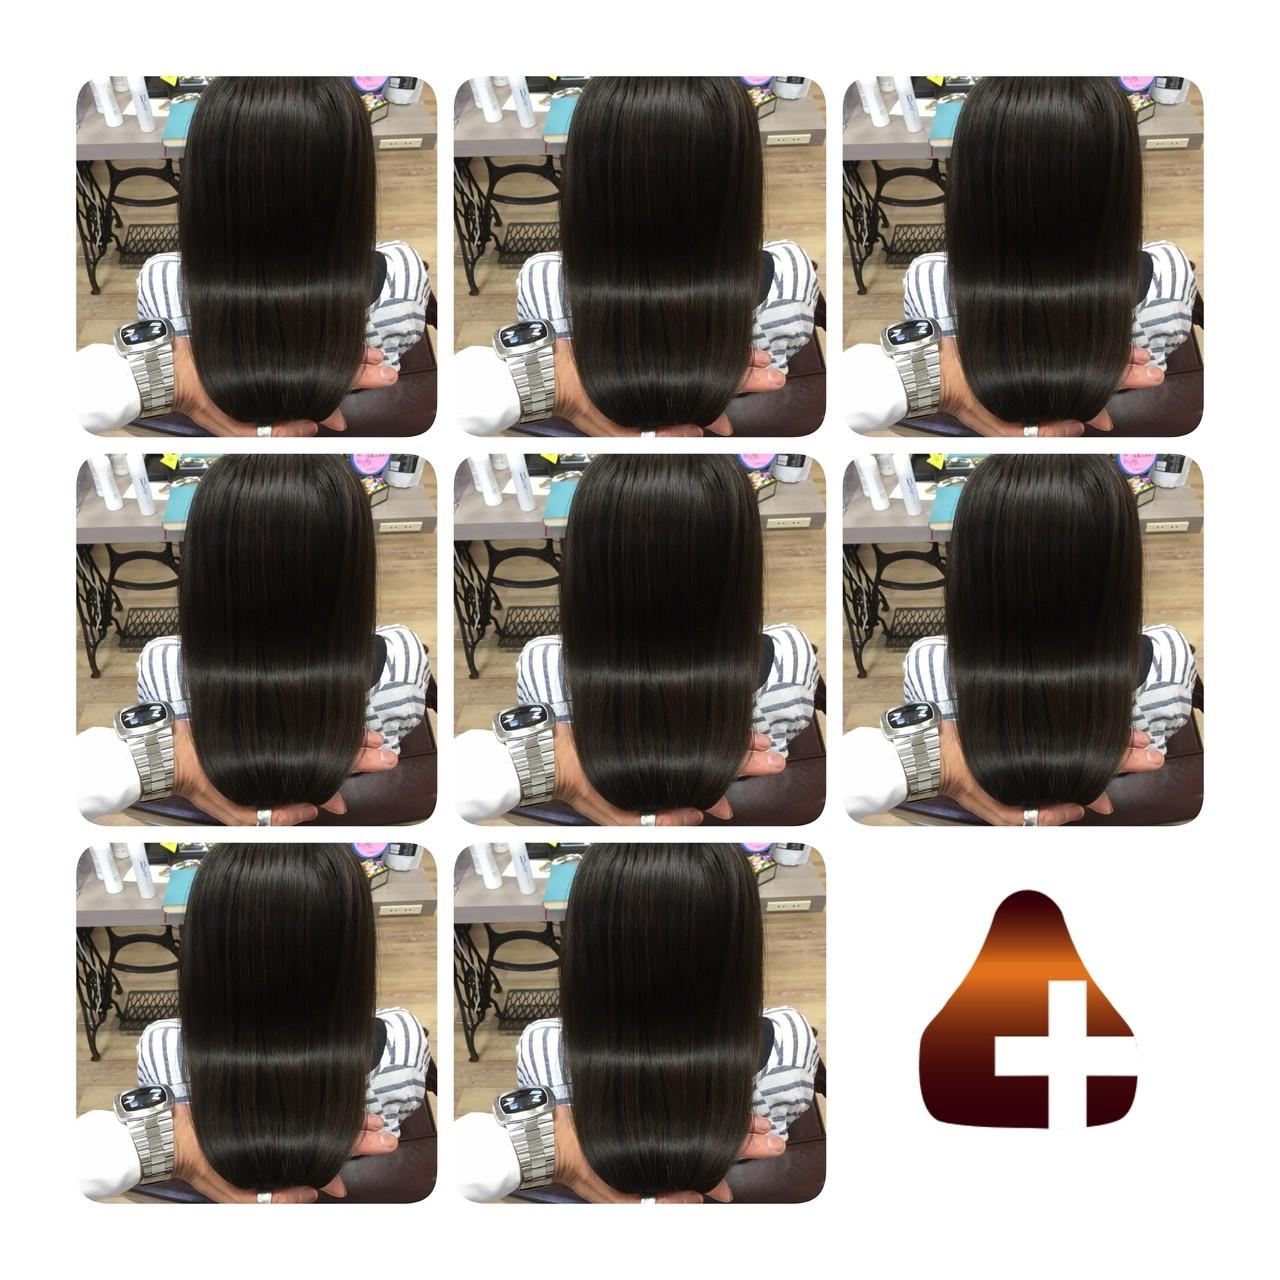 トリートメント ロング ナチュラル 髪の病院 ヘアスタイルや髪型の写真・画像   髪の病院 メディカルサロン ルーミールーム / 髪の病院メディカルサロン·ルーミールーム